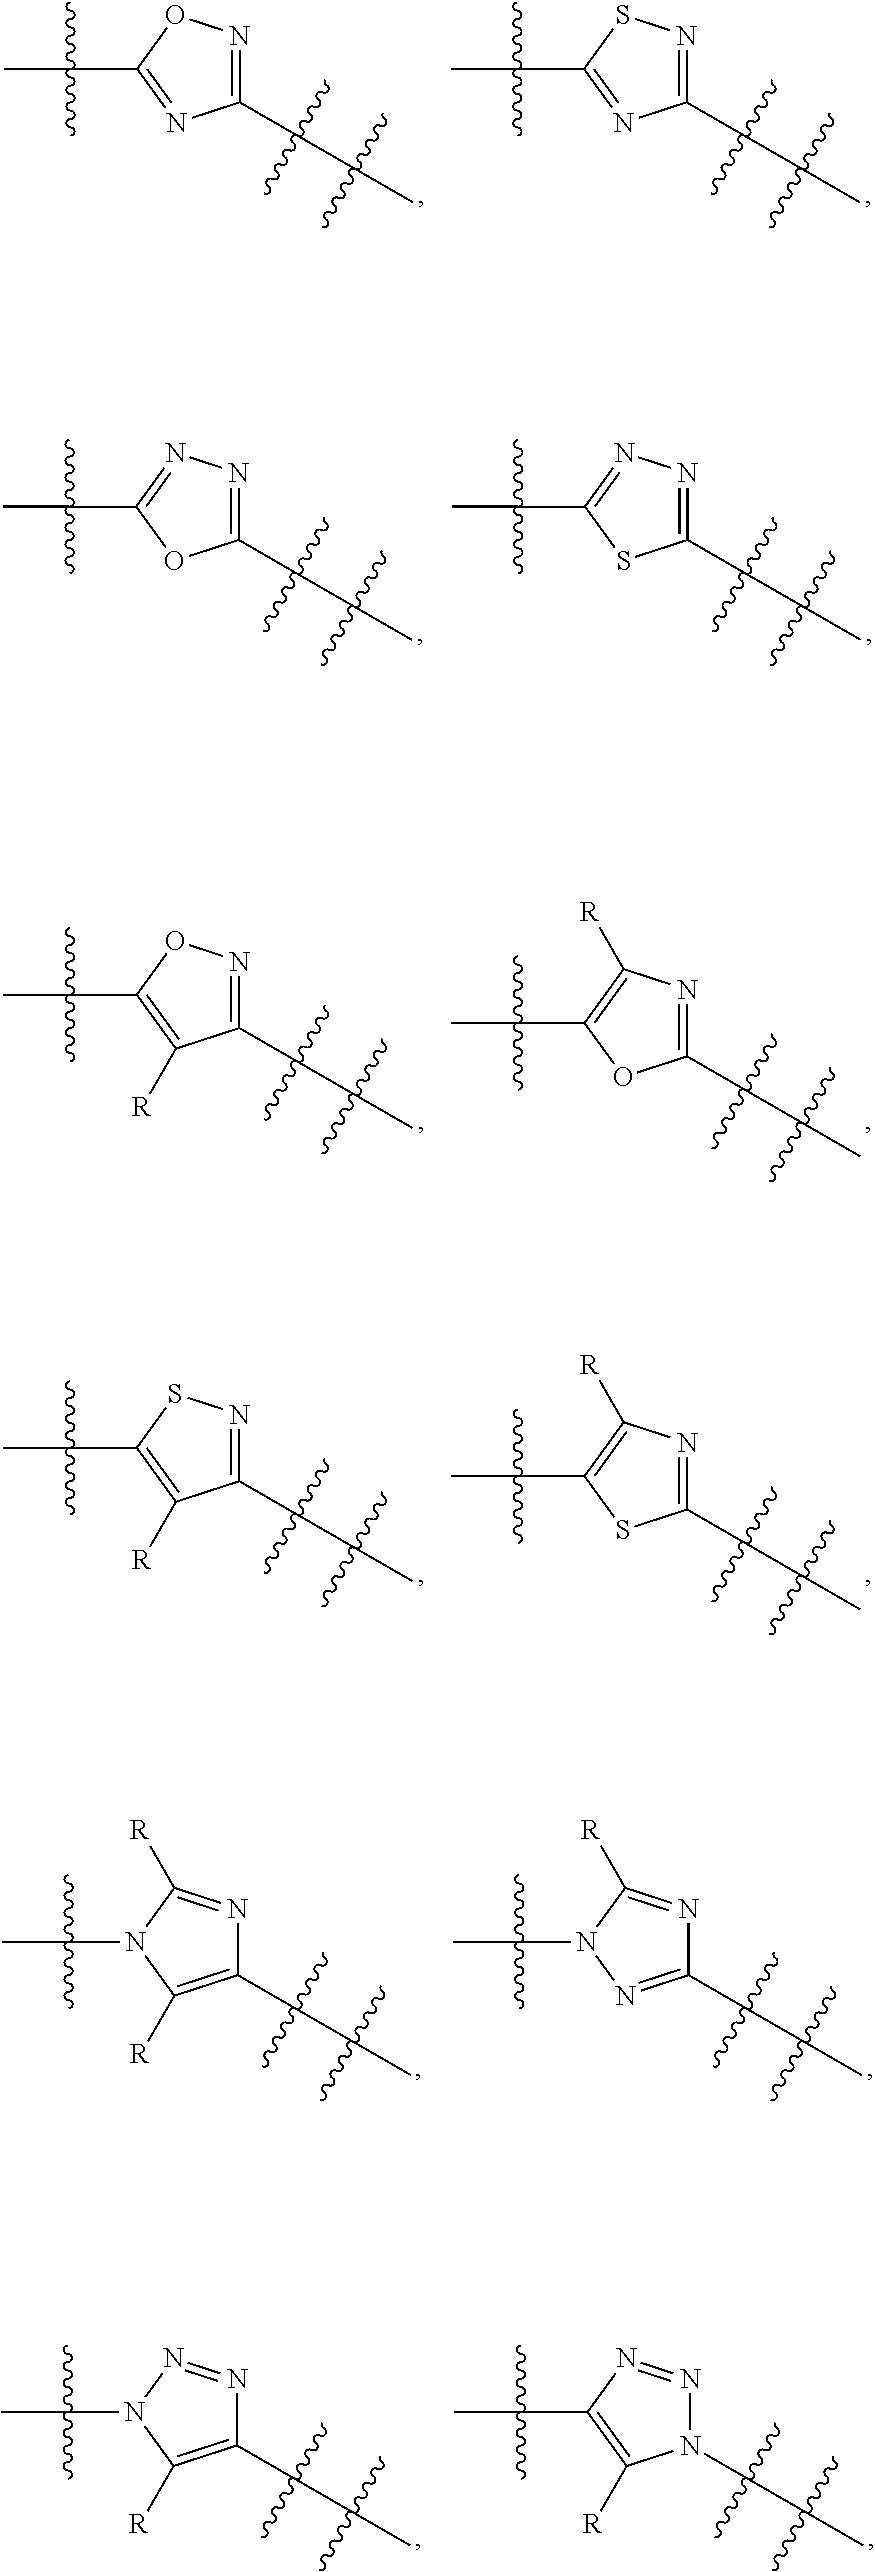 Figure US20110166174A1-20110707-C00010